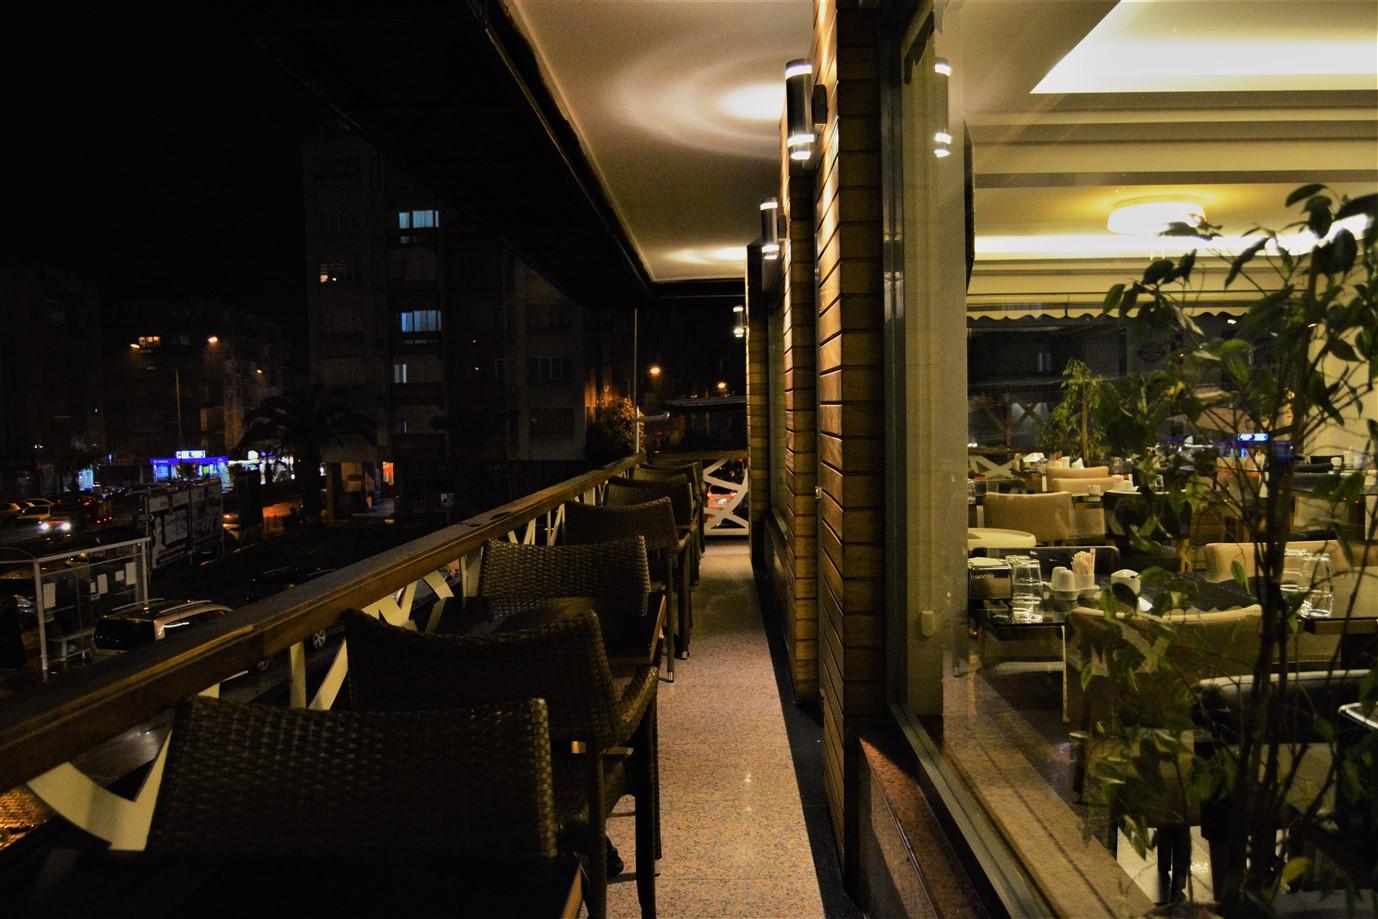 Dilek et restoran (30)